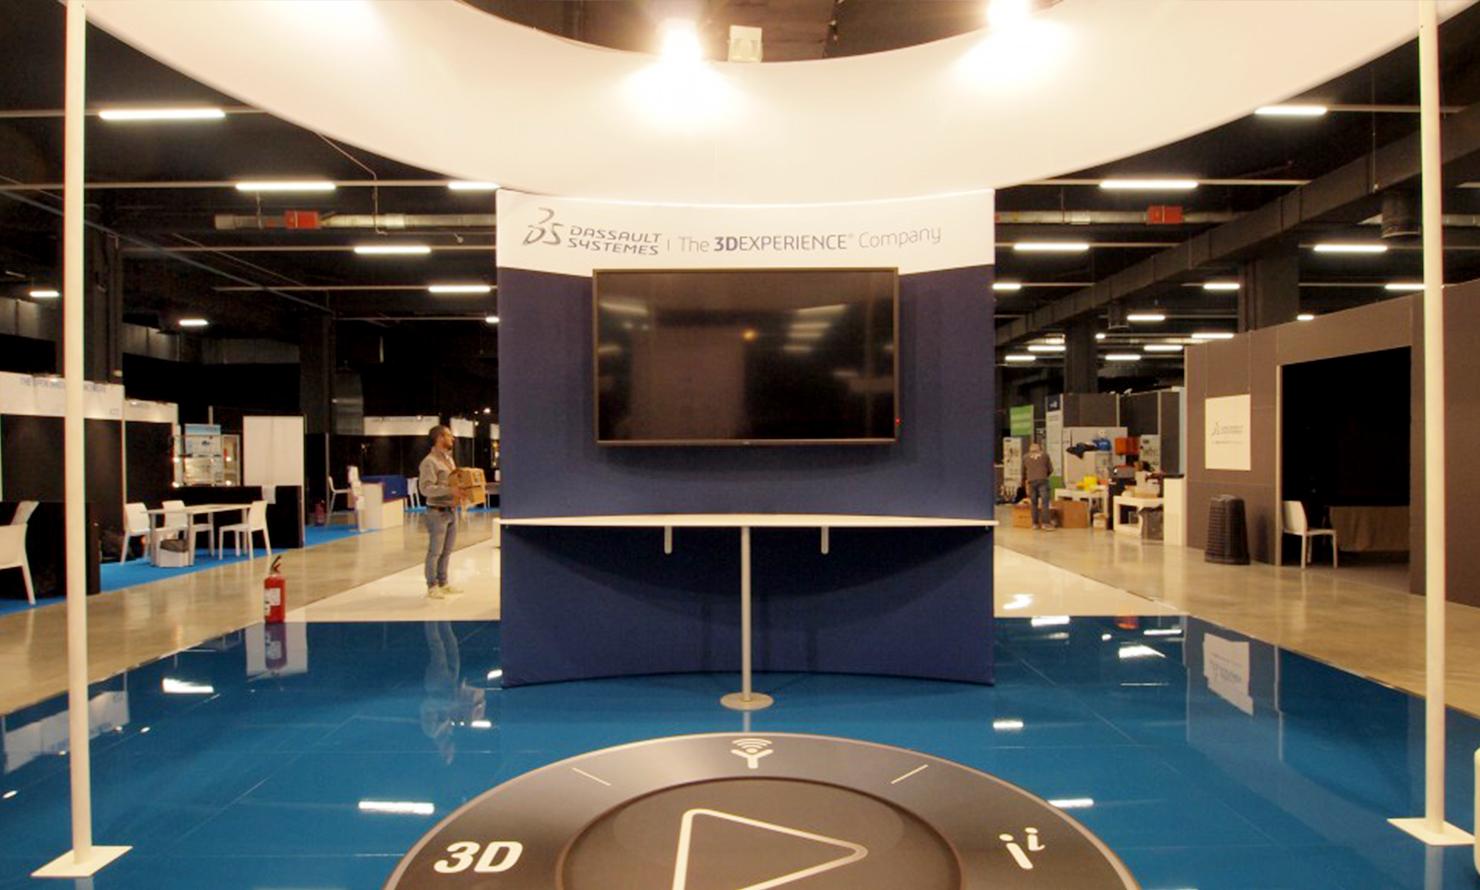 https://www.kubelibre.com/uploads/Slider-work-tutti-clienti/dassault-systèmes-exhibition-international-technology-hub-1.jpg